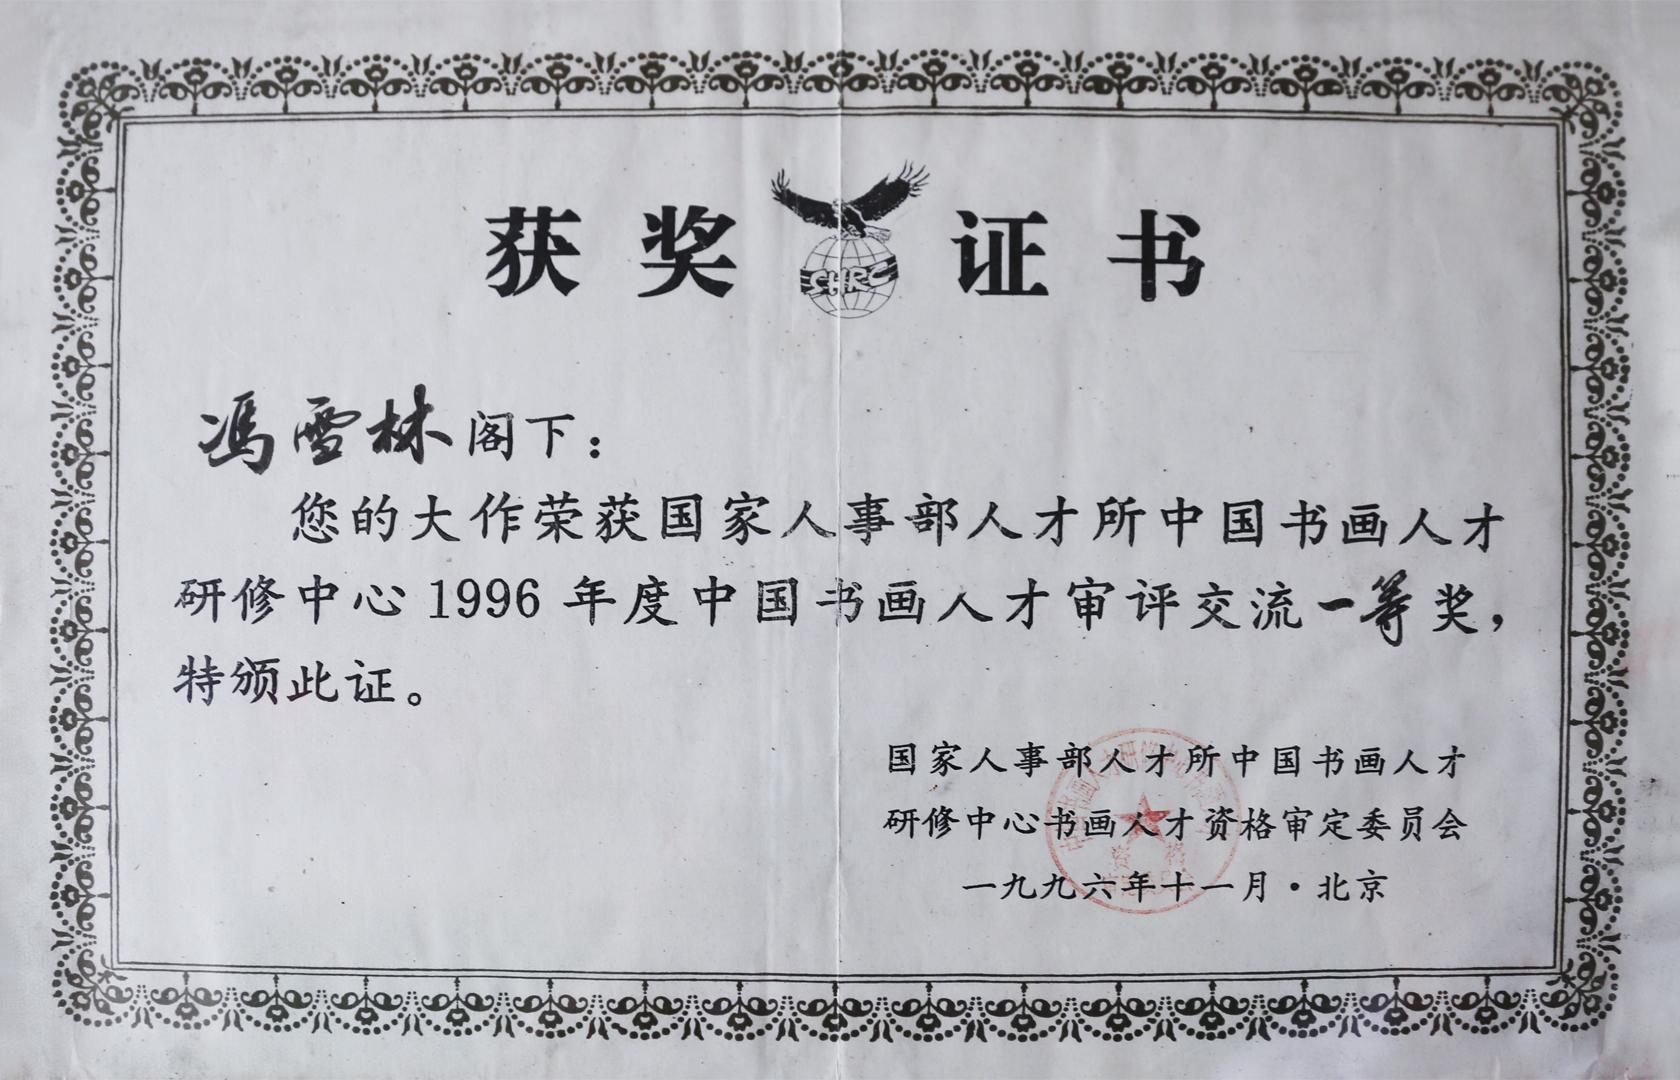 国家人事部人才所中国书画人才研修中心1996年度中国书画人才评审交流一等奖